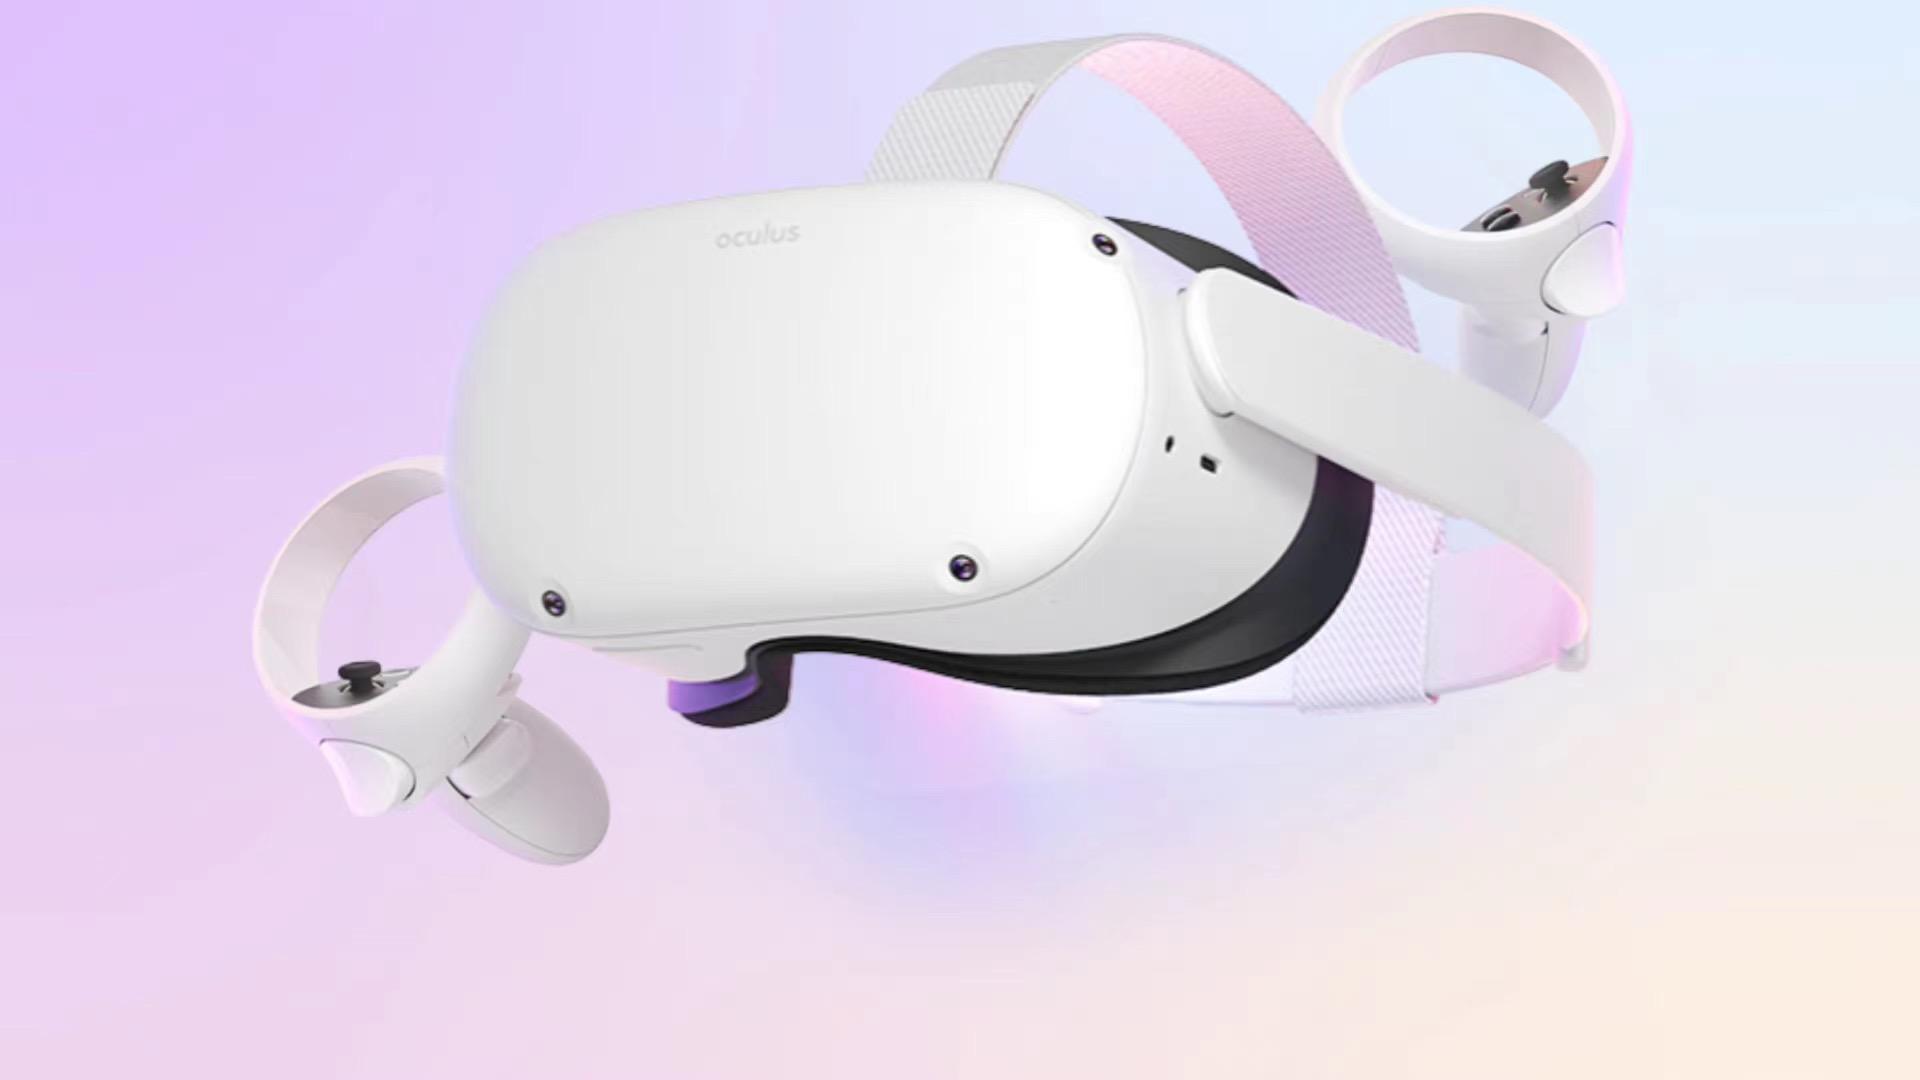 Quest2头显产品图遭泄漏:主体白色、头戴无弹性侧边、手柄形状向Touch看齐